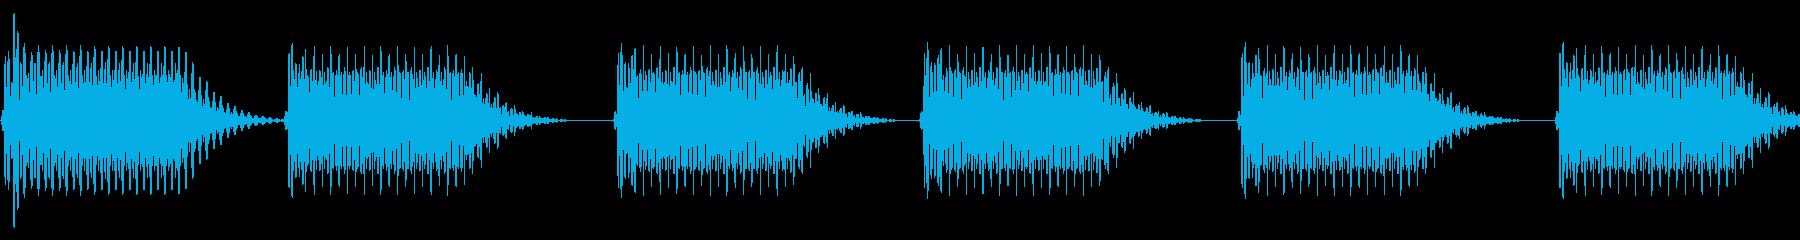 往年のRPG風 セリフ・吹き出し音 5の再生済みの波形